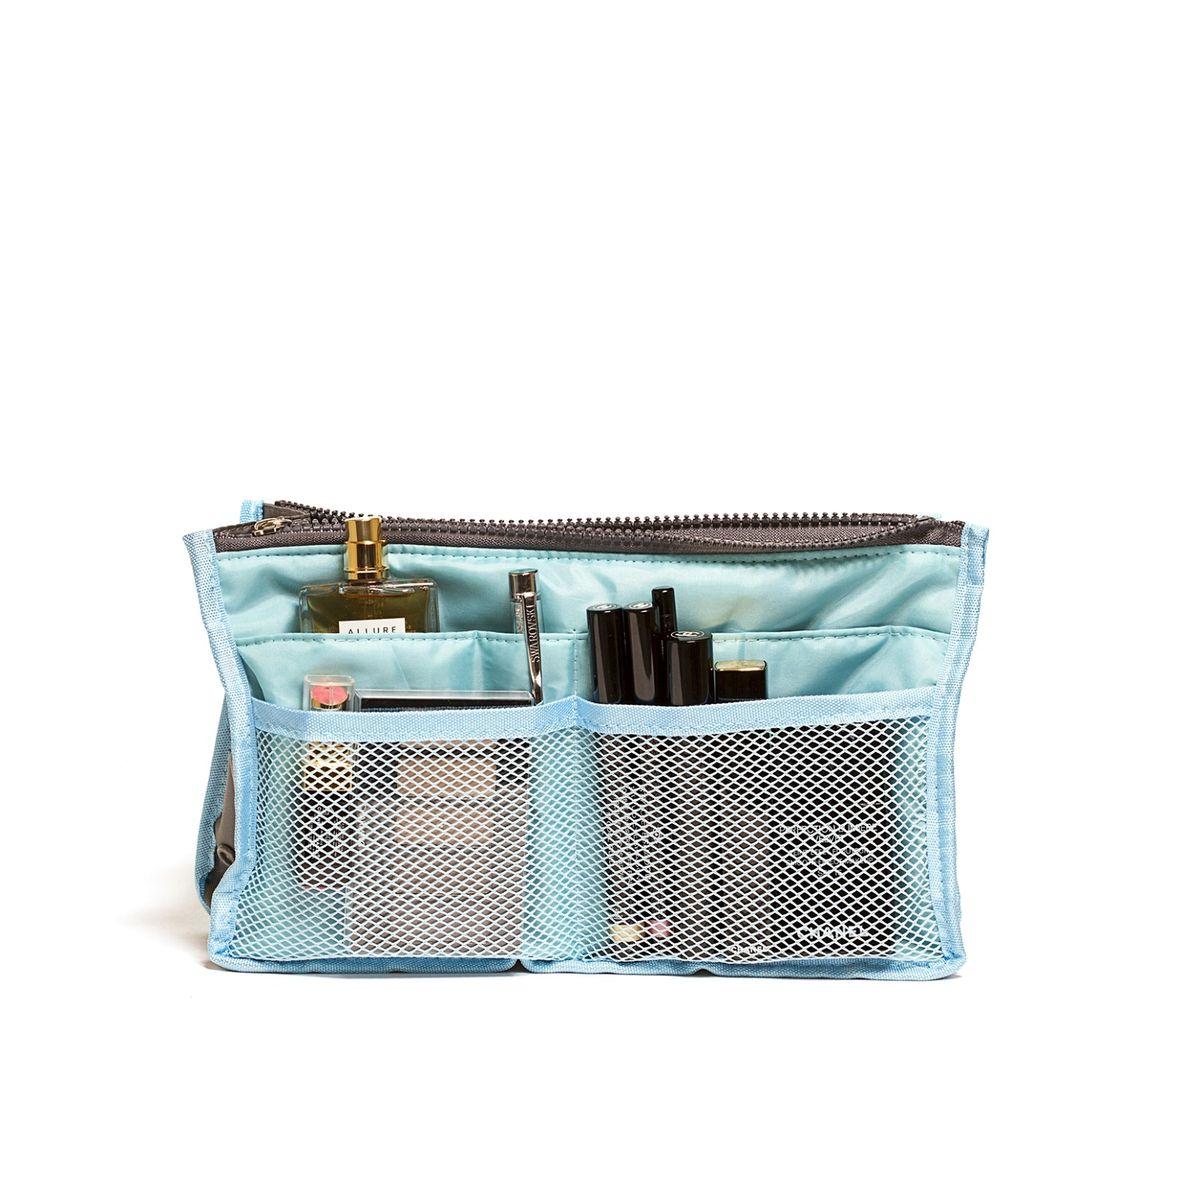 Органайзер для сумки Homsu, цвет: голубой, 30 x 8,5 x 18,5 см6221CОрганайзер для сумки Homsu выполнен из полиэстера и текстиля. Этот органайзер для сумки имеет три вместительных отделениях для вещей, четыре кармашка по бокам и шесть кармашков в виде сетки. Такой органайзер обеспечит полный порядок в вашей сумке. Данный аксессуар обладает быстрой регулировкой толщины с помощью кнопок. Органайзер оснащен двумя крепкими ручками, что позволяет применять его и вне сумки.